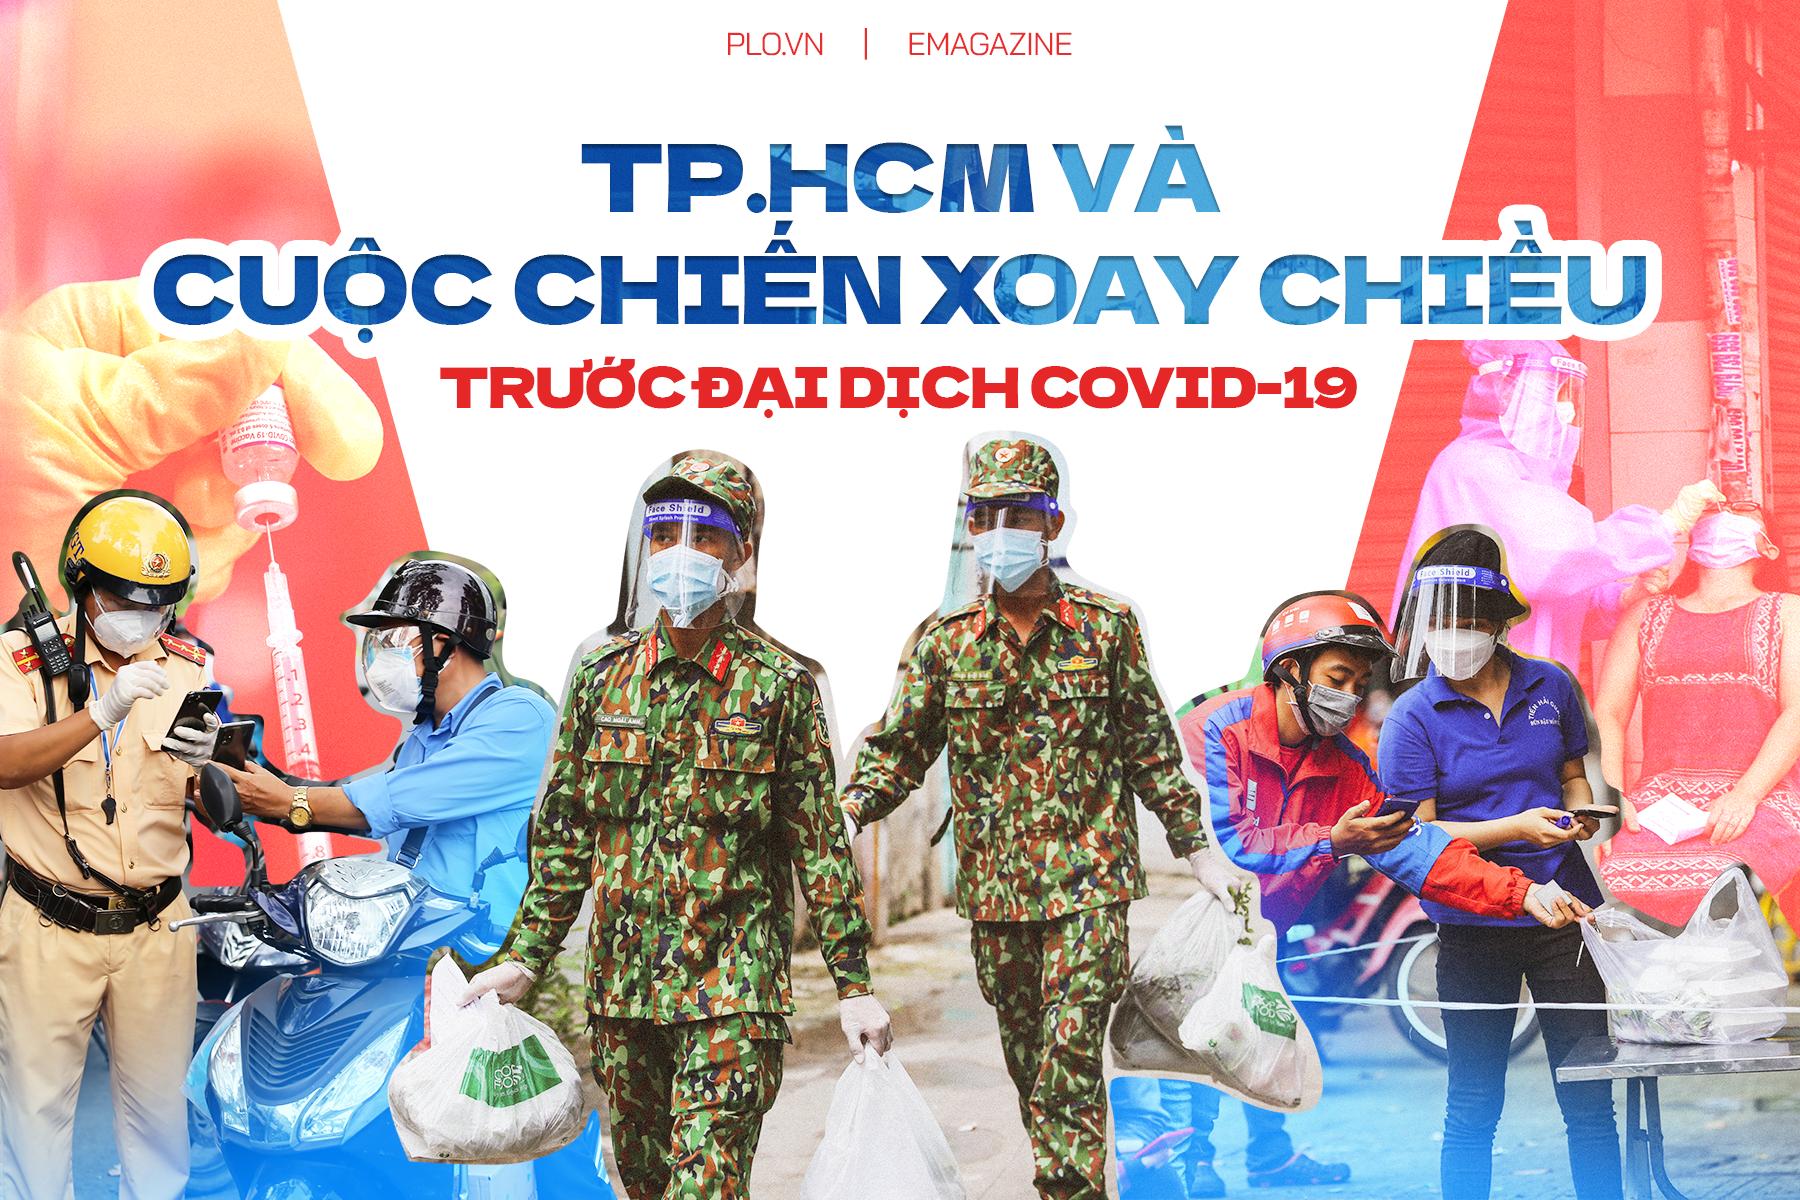 Emagazine: TP.HCM và cuộc chiến xoay chiều trước đại dịch COVID-19